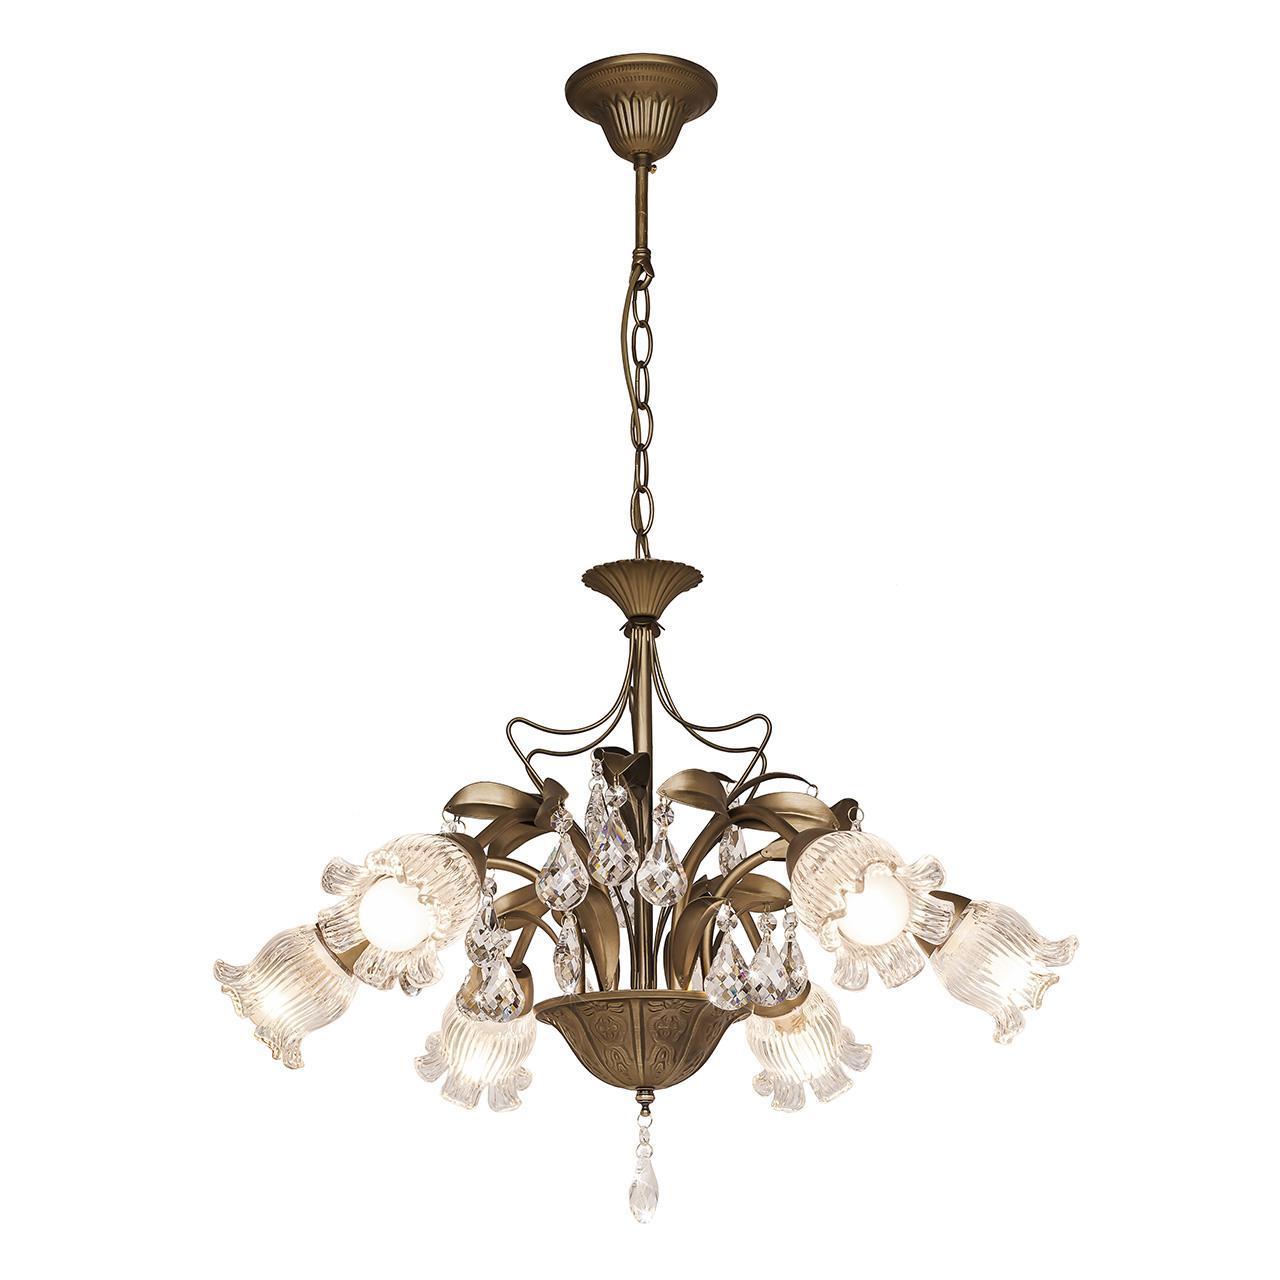 Люстра Silver Light Semiramida 517.53.6 подвесная потолочная люстра silver light серия semiramida цвет бронза 6xe14x60w 517 53 6